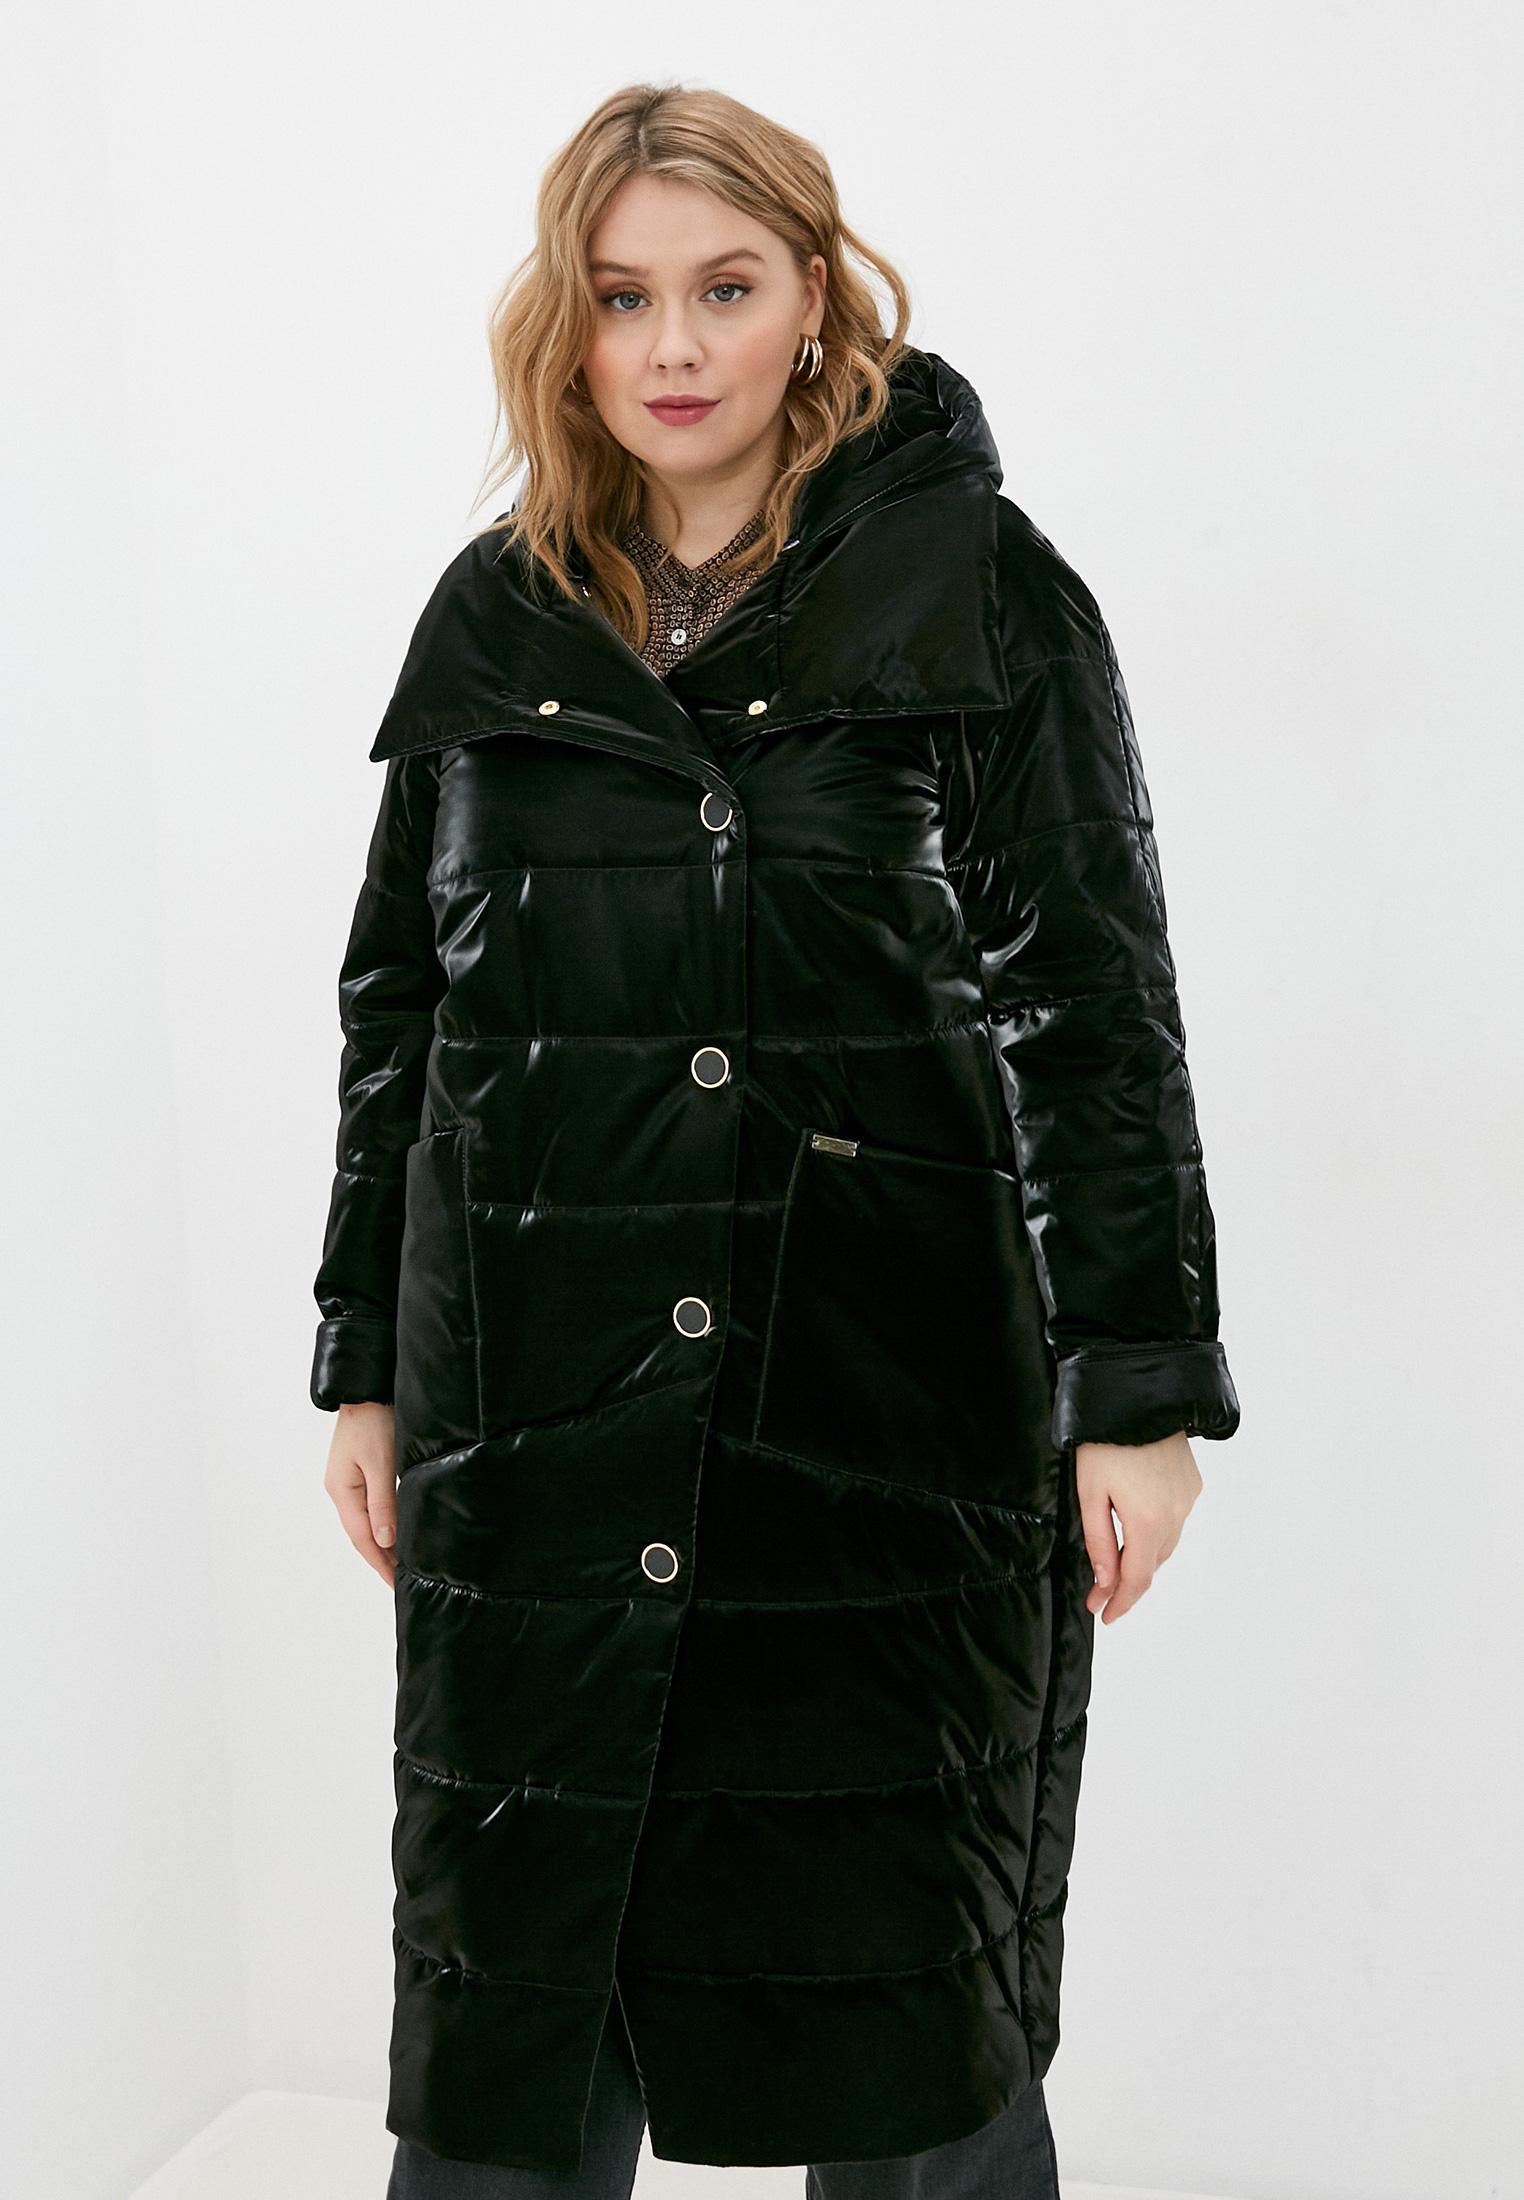 Утепленная куртка Nataliy Beate Пальто мод 311: изображение 1